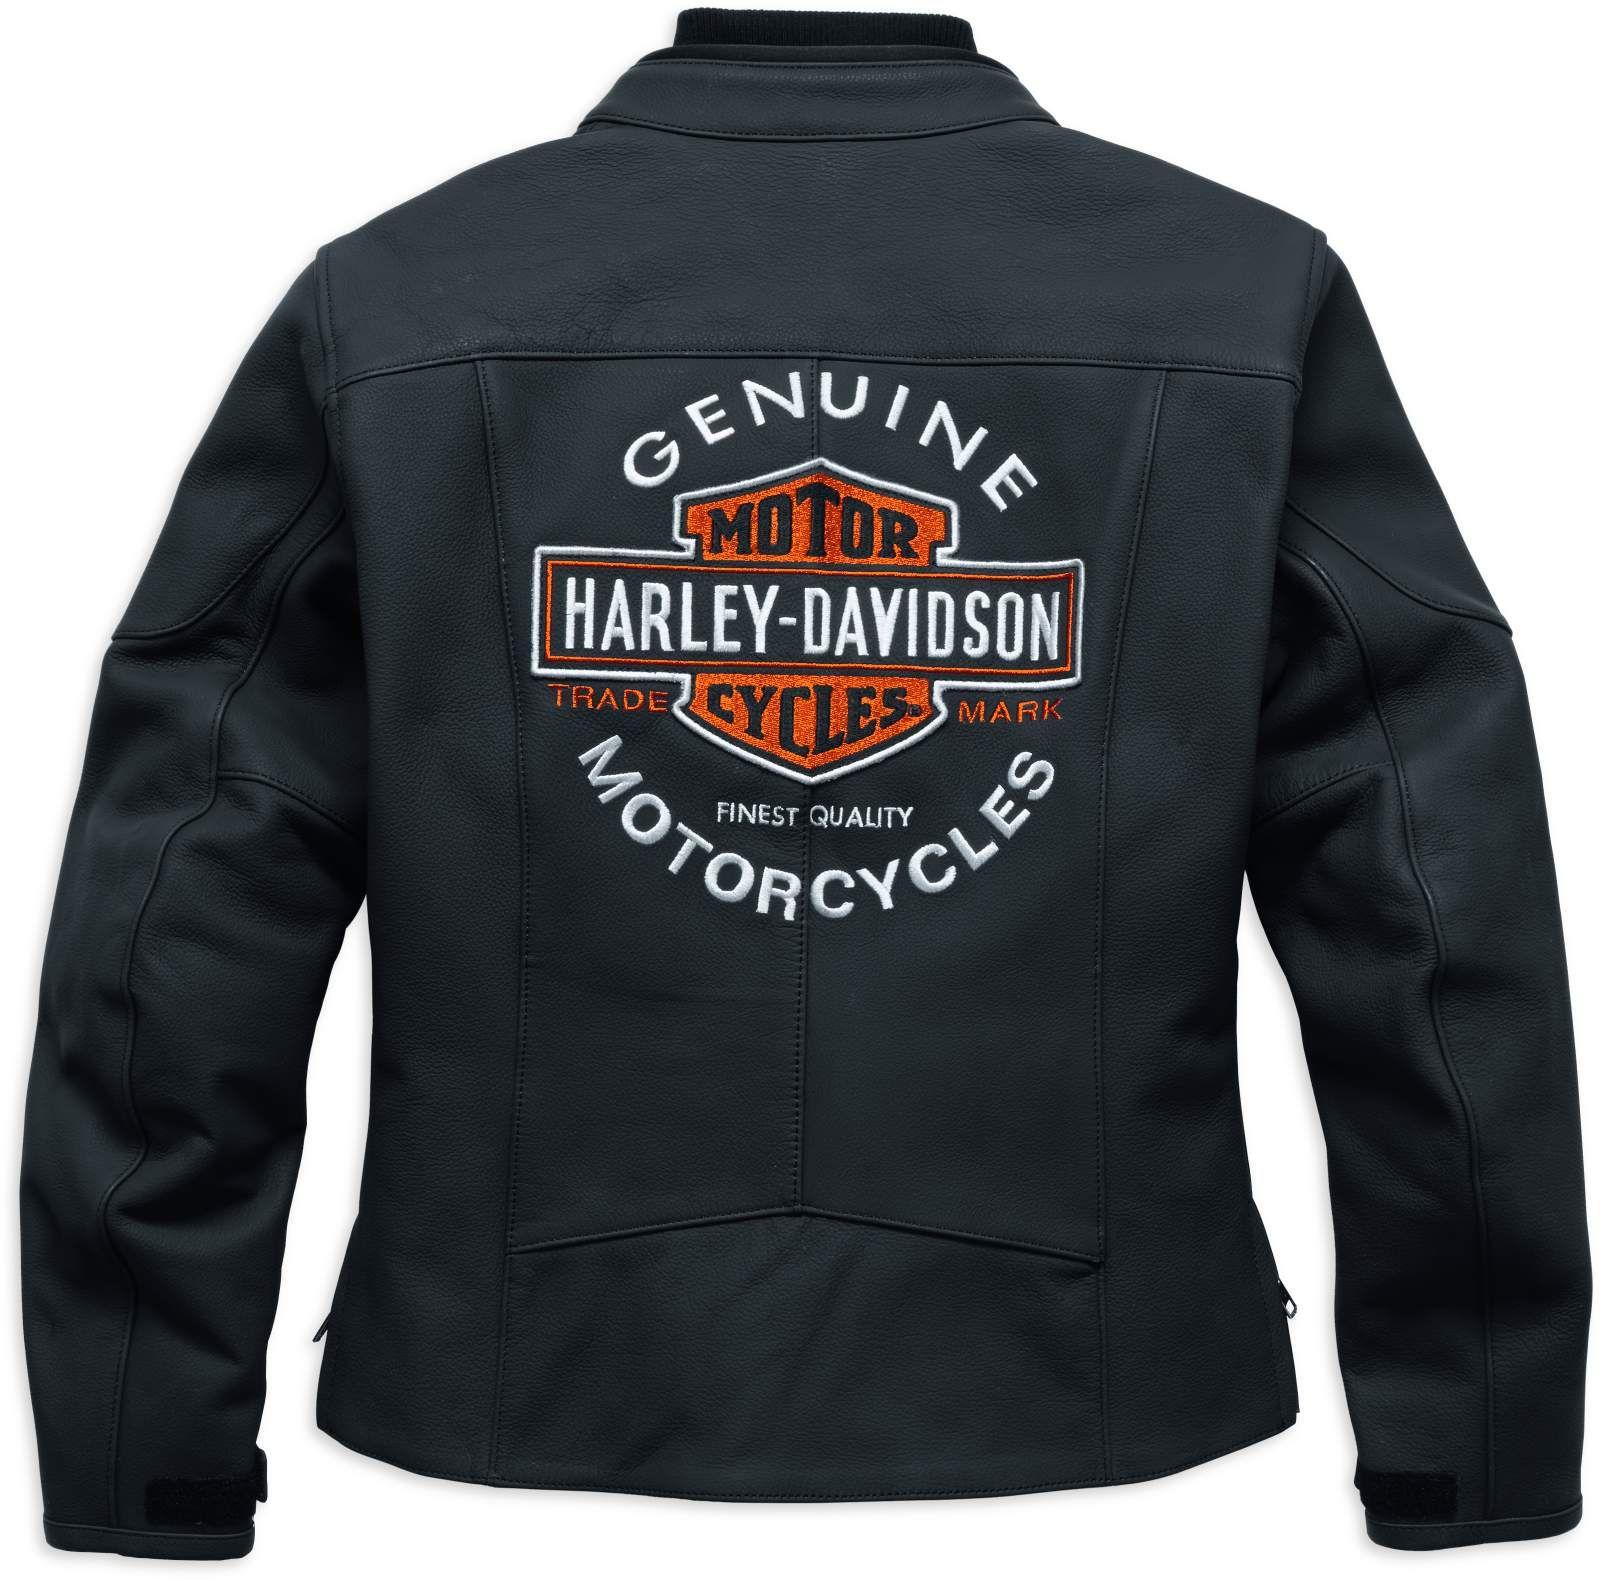 98131 17ew harley davidson legend leather jacket ec at. Black Bedroom Furniture Sets. Home Design Ideas